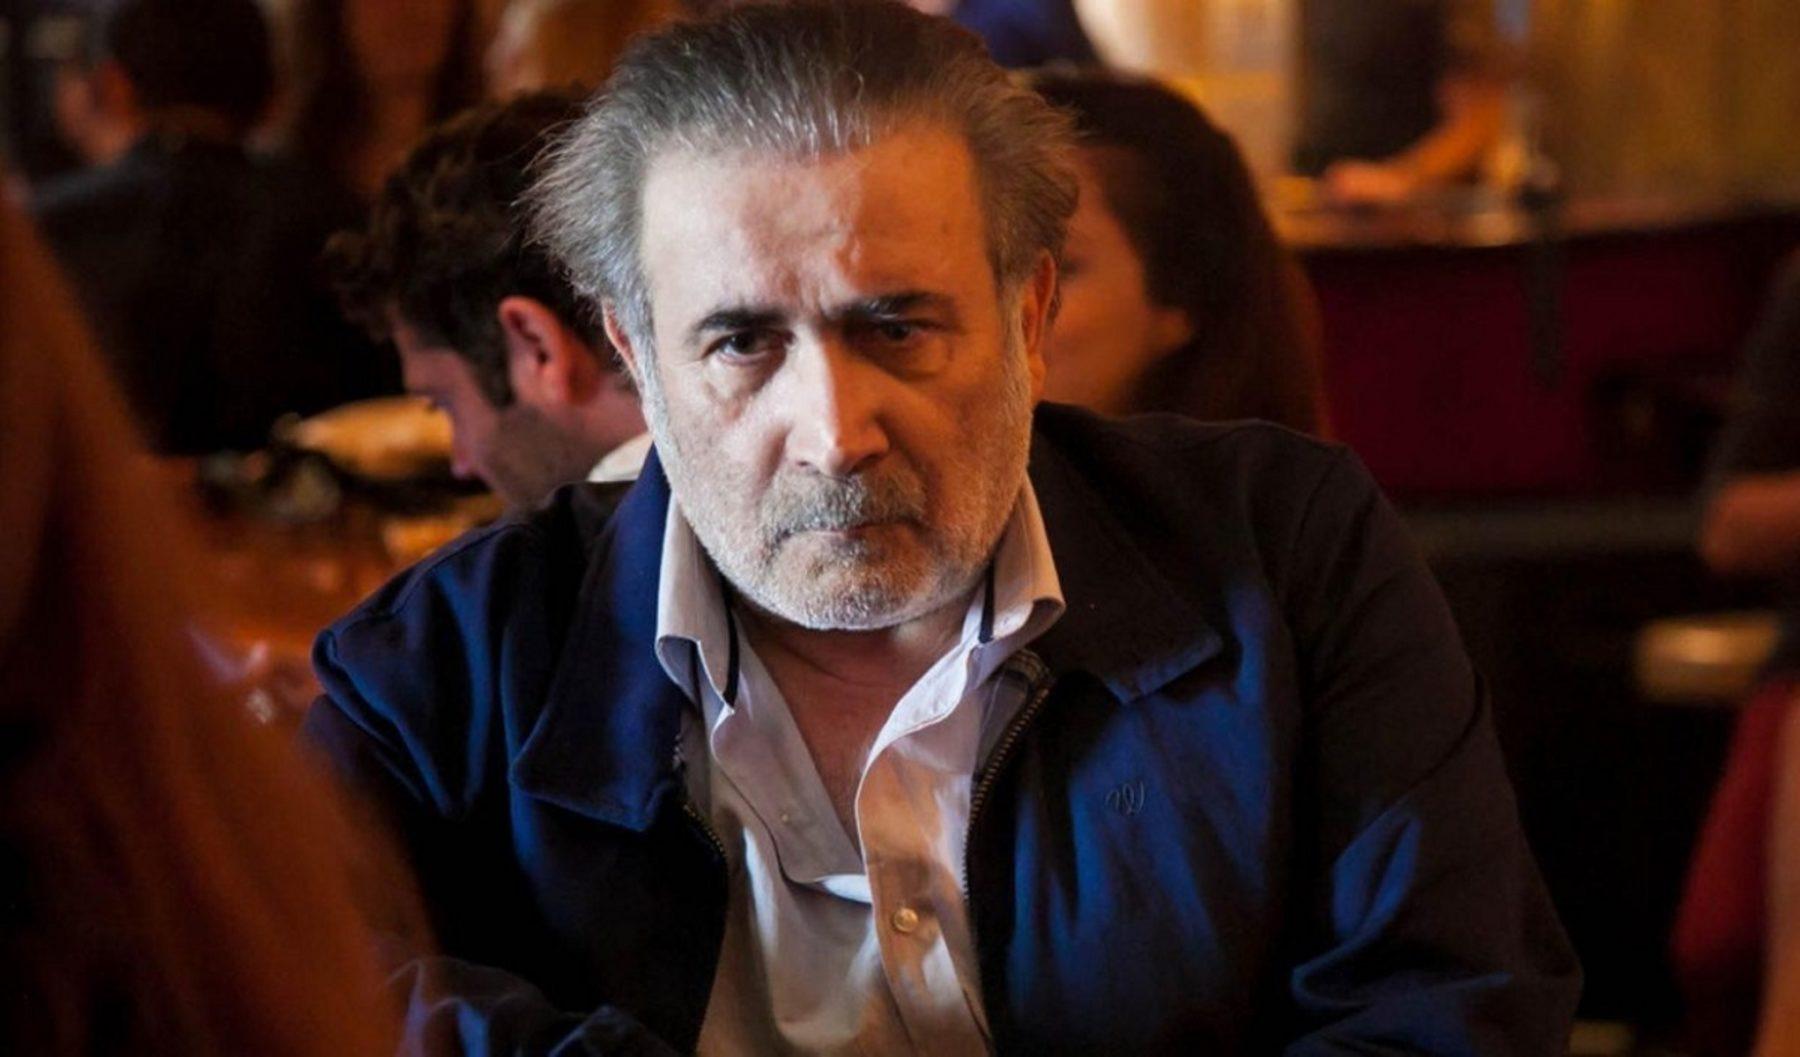 Λάκης Λαζόπουλος: Με θρόμβωση στο πόδι ο ηθοποιός - Όλα όσα ανέφερε